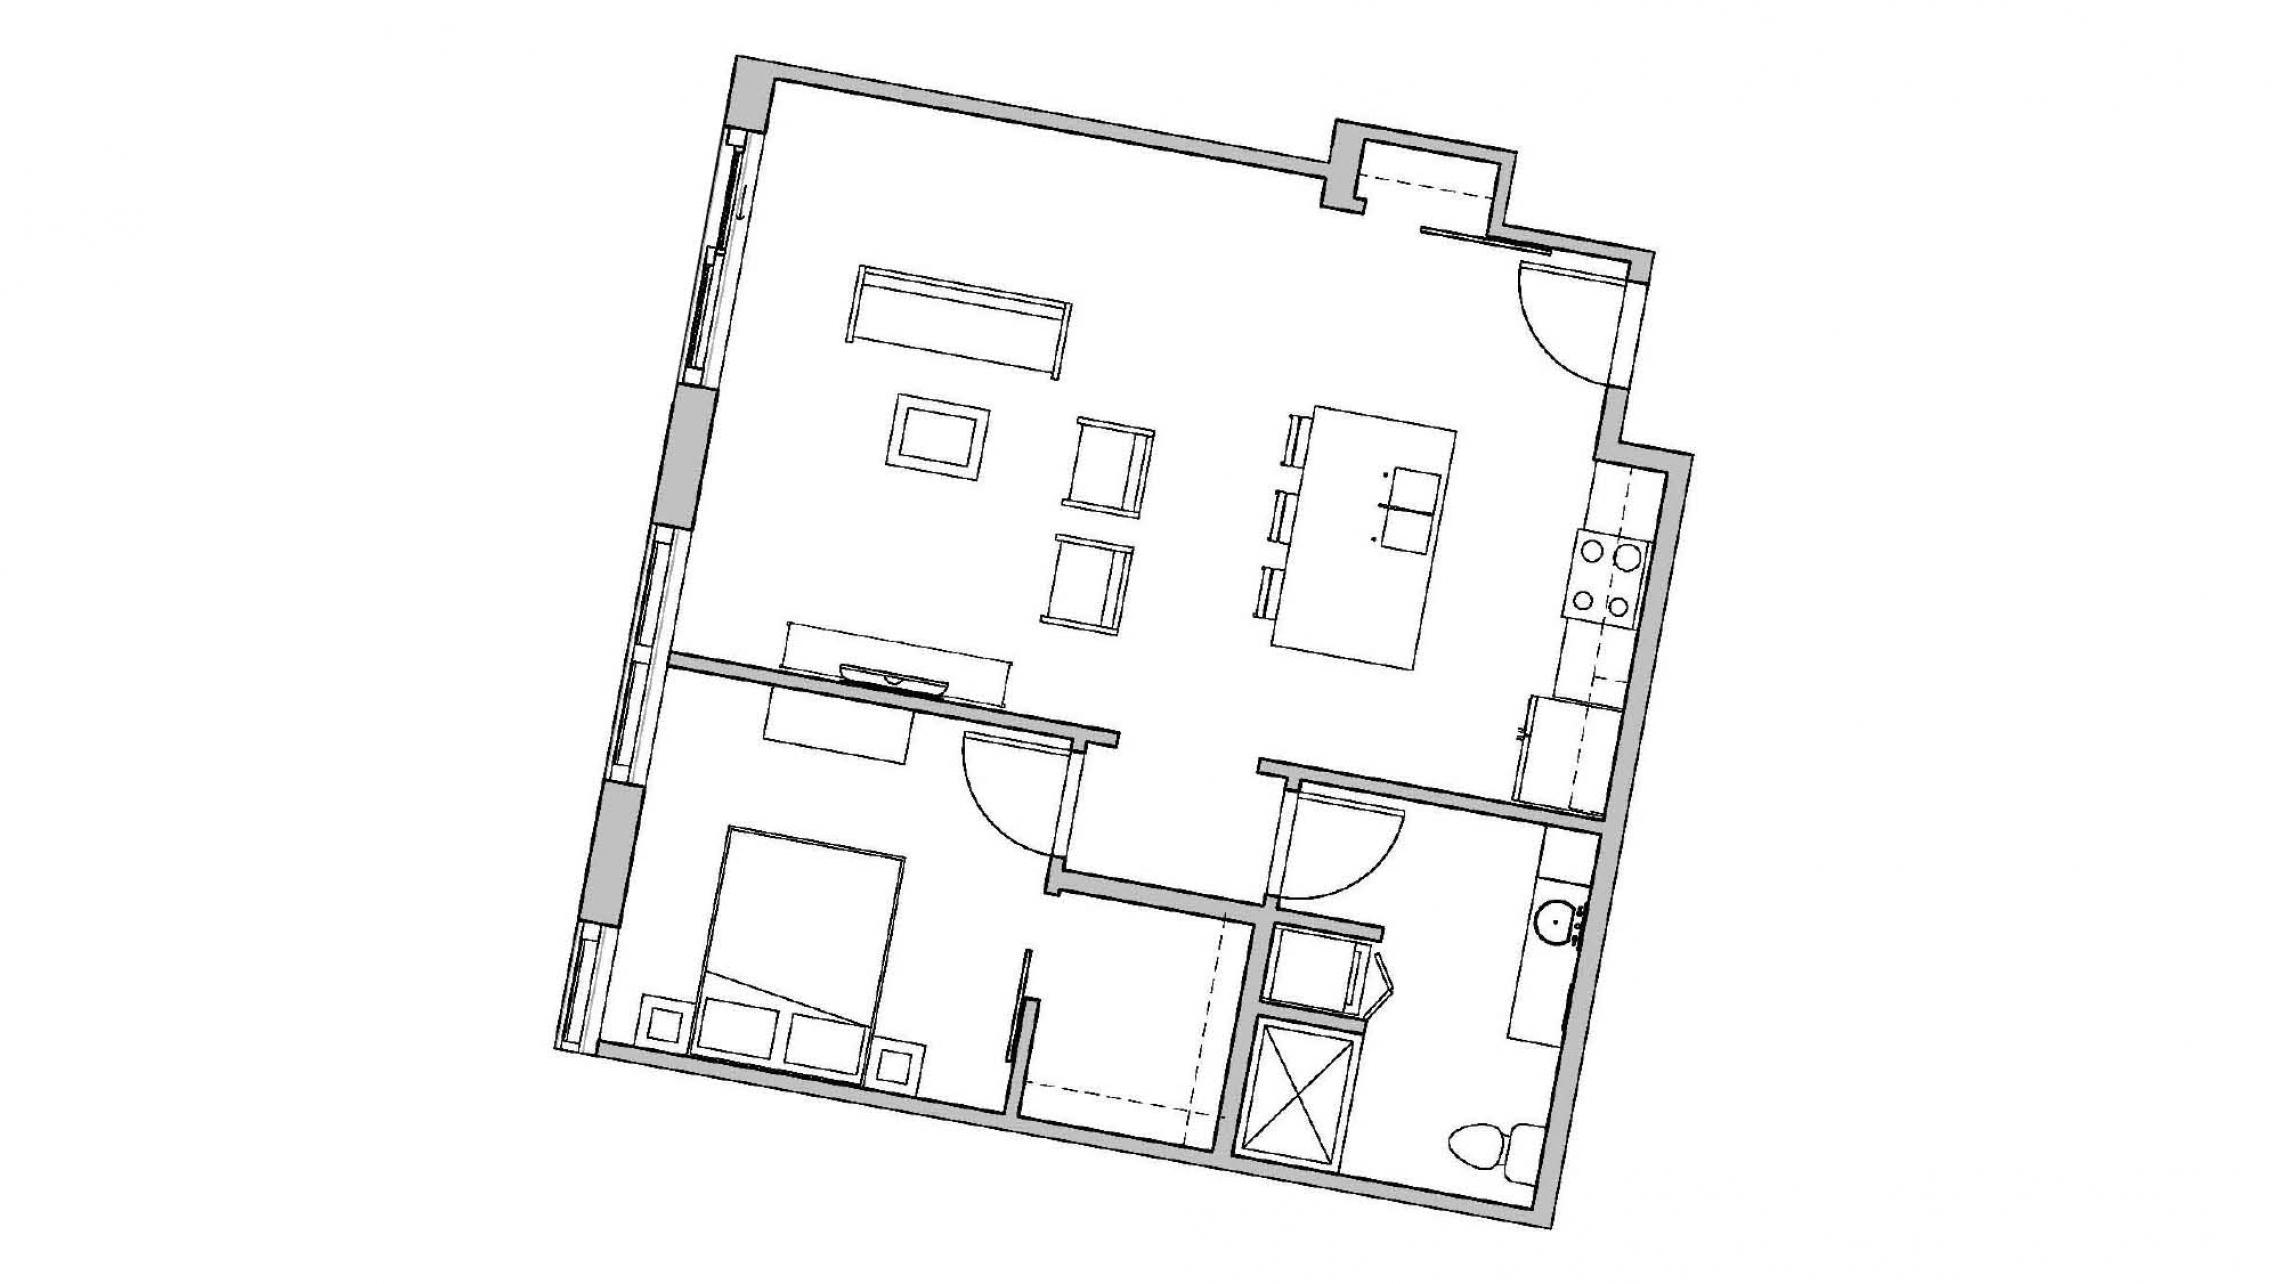 ULI Seven27 431 - One Bedroom, One Bathroom